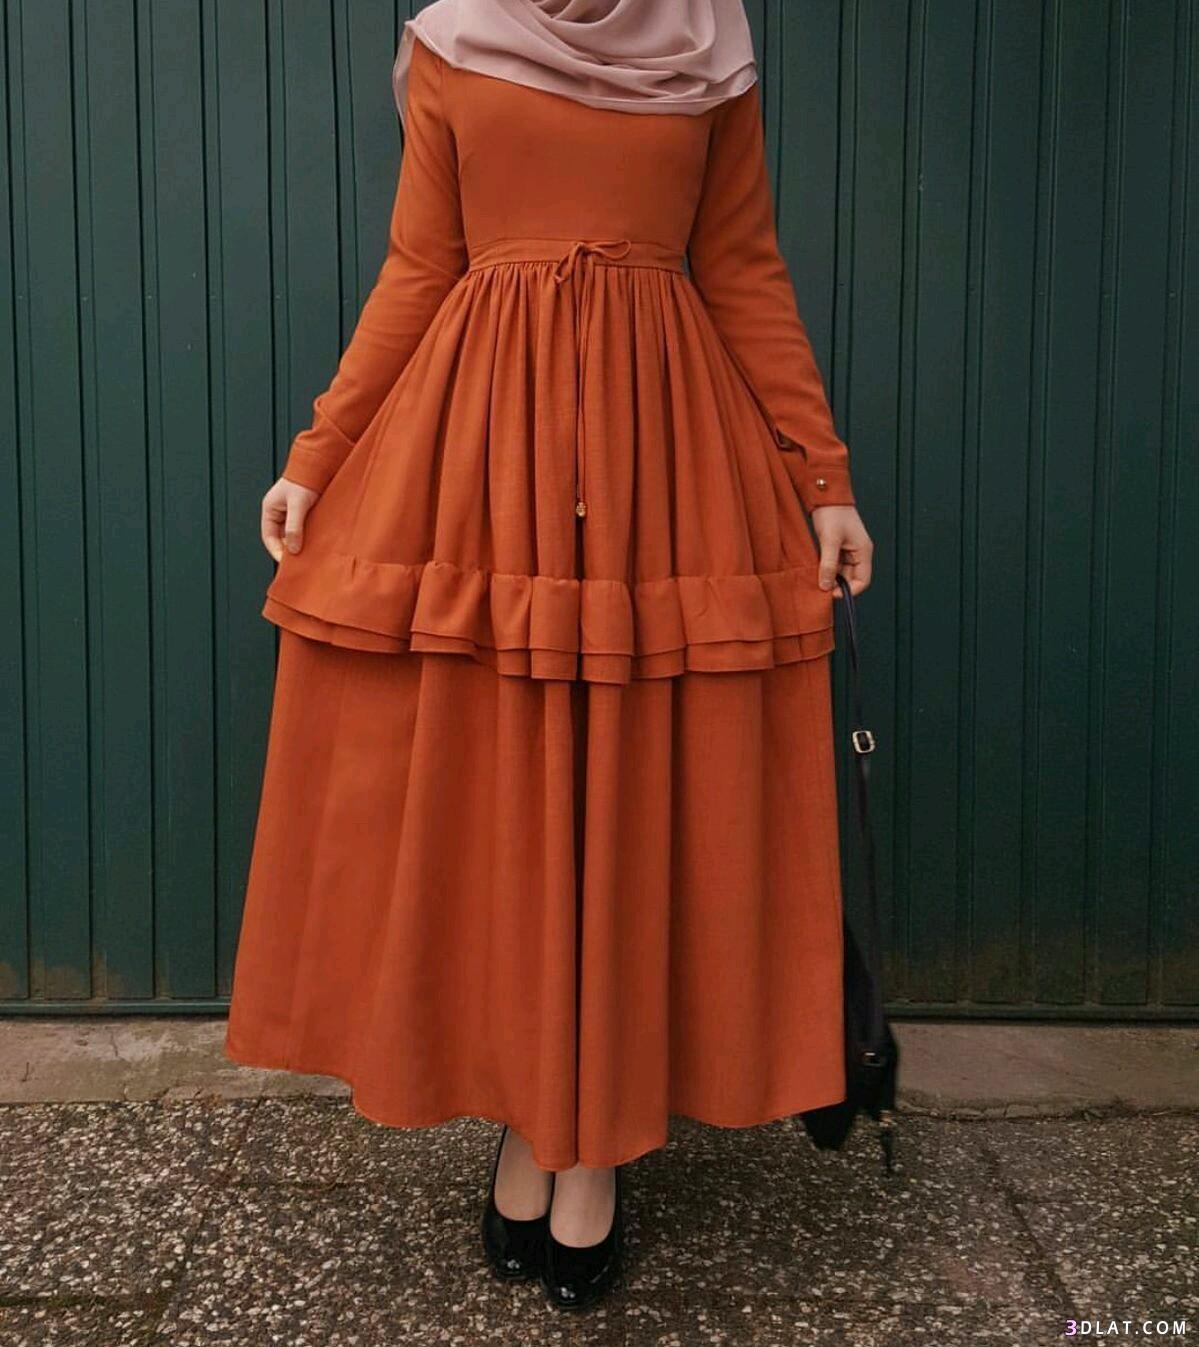 صورة فساتين تركية للمحجبات , اروع الفساتين التركية للبنات المحجبات في غاية اجمال 6453 2